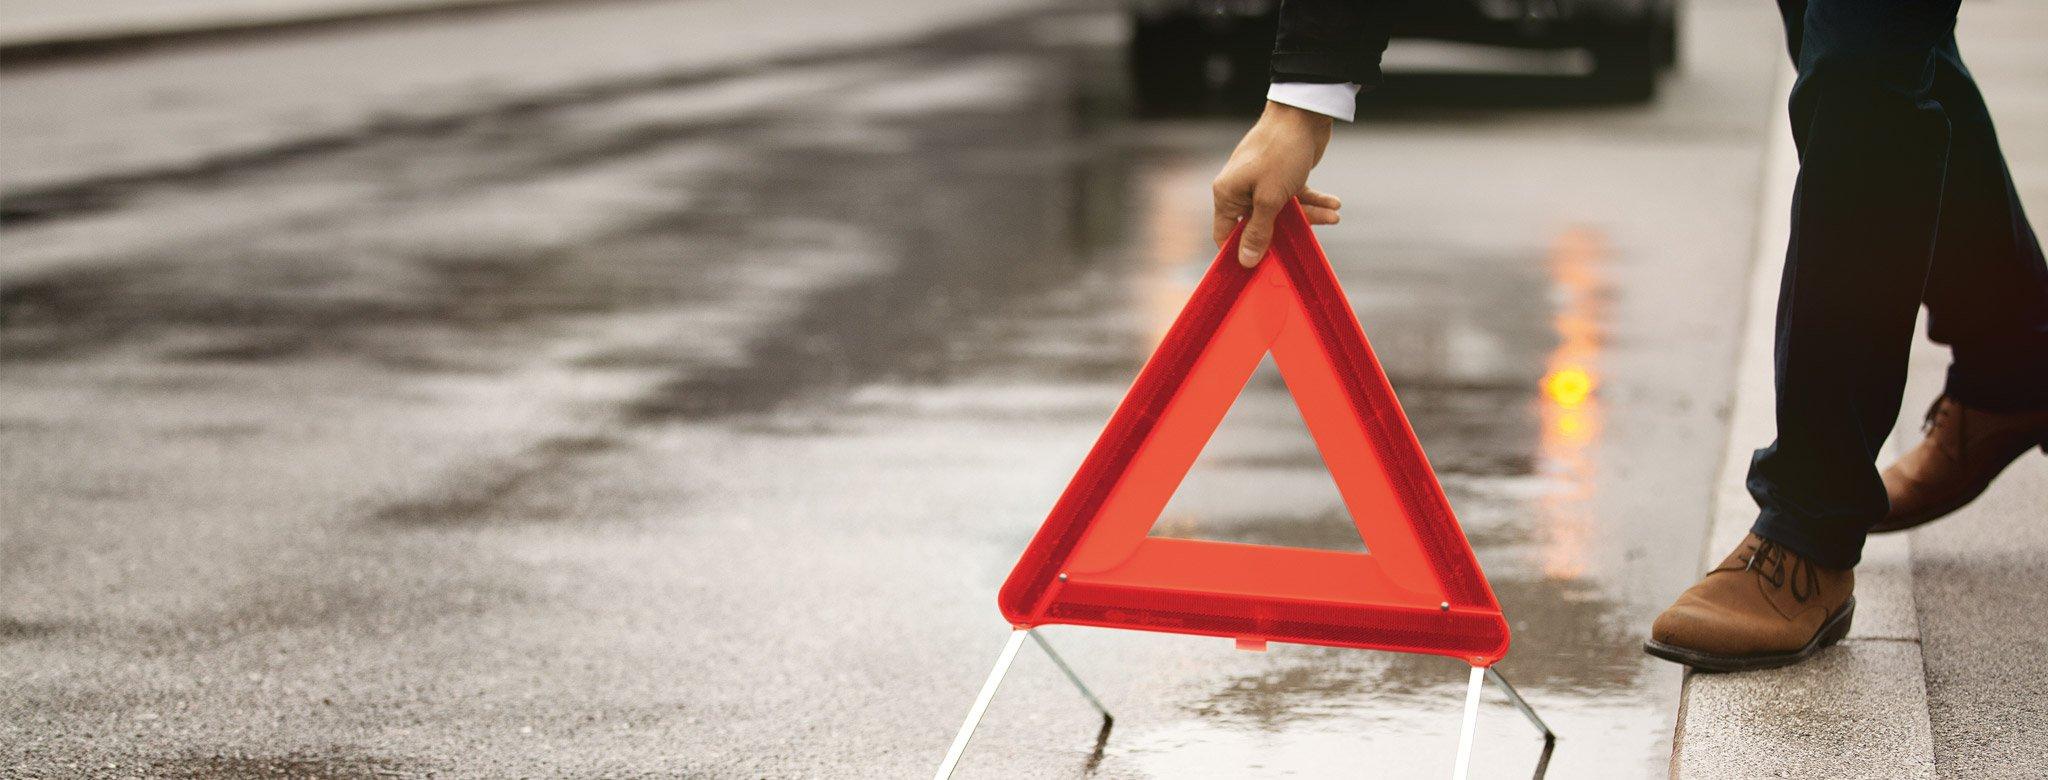 ГИБДД в Крыму сообщило об основных причинах большинства автомобильных аварий